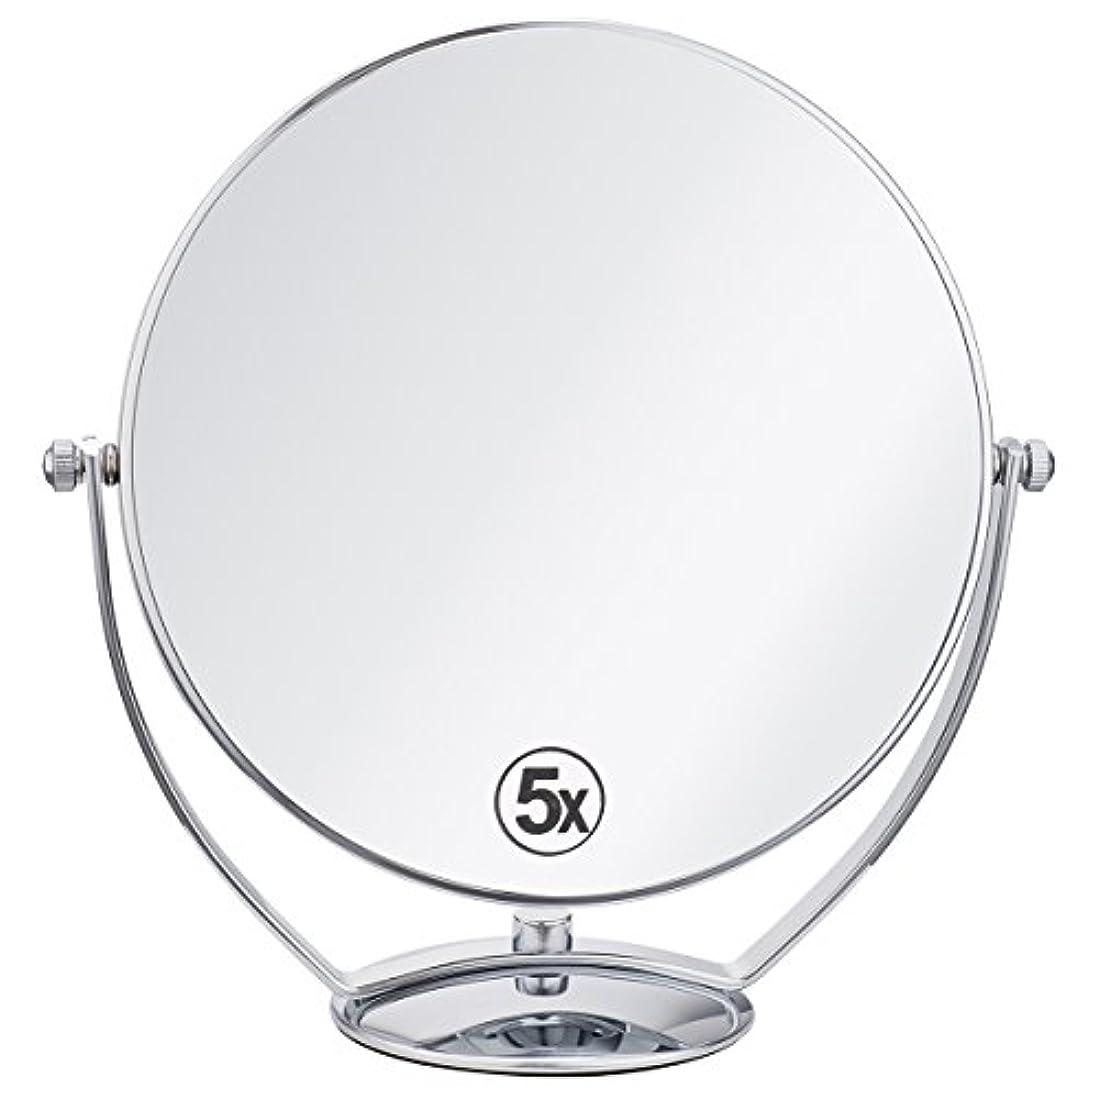 エチケット明示的にコード(セーディコ)Cerdeco 西洋風鏡 真実の両面鏡DX 5倍拡大鏡+等倍鏡 両面化粧鏡 360度回転 卓上鏡 スタンドミラー メイク道具 大きい鏡面φ198mm j823